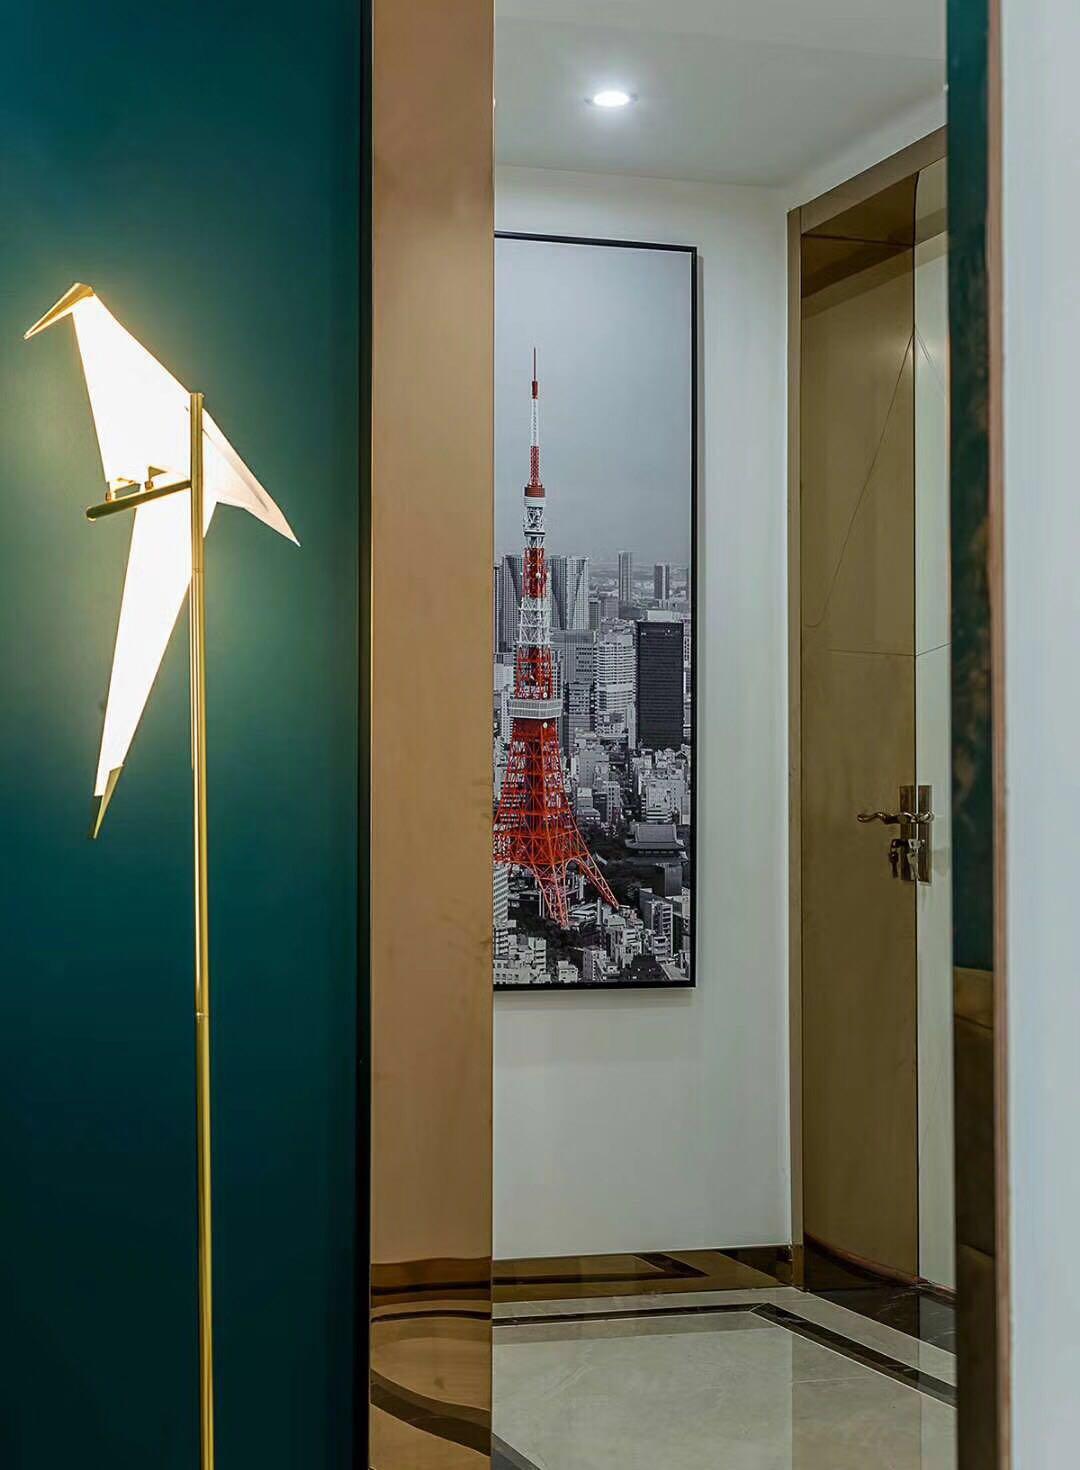 现代轻奢装修灯具图片